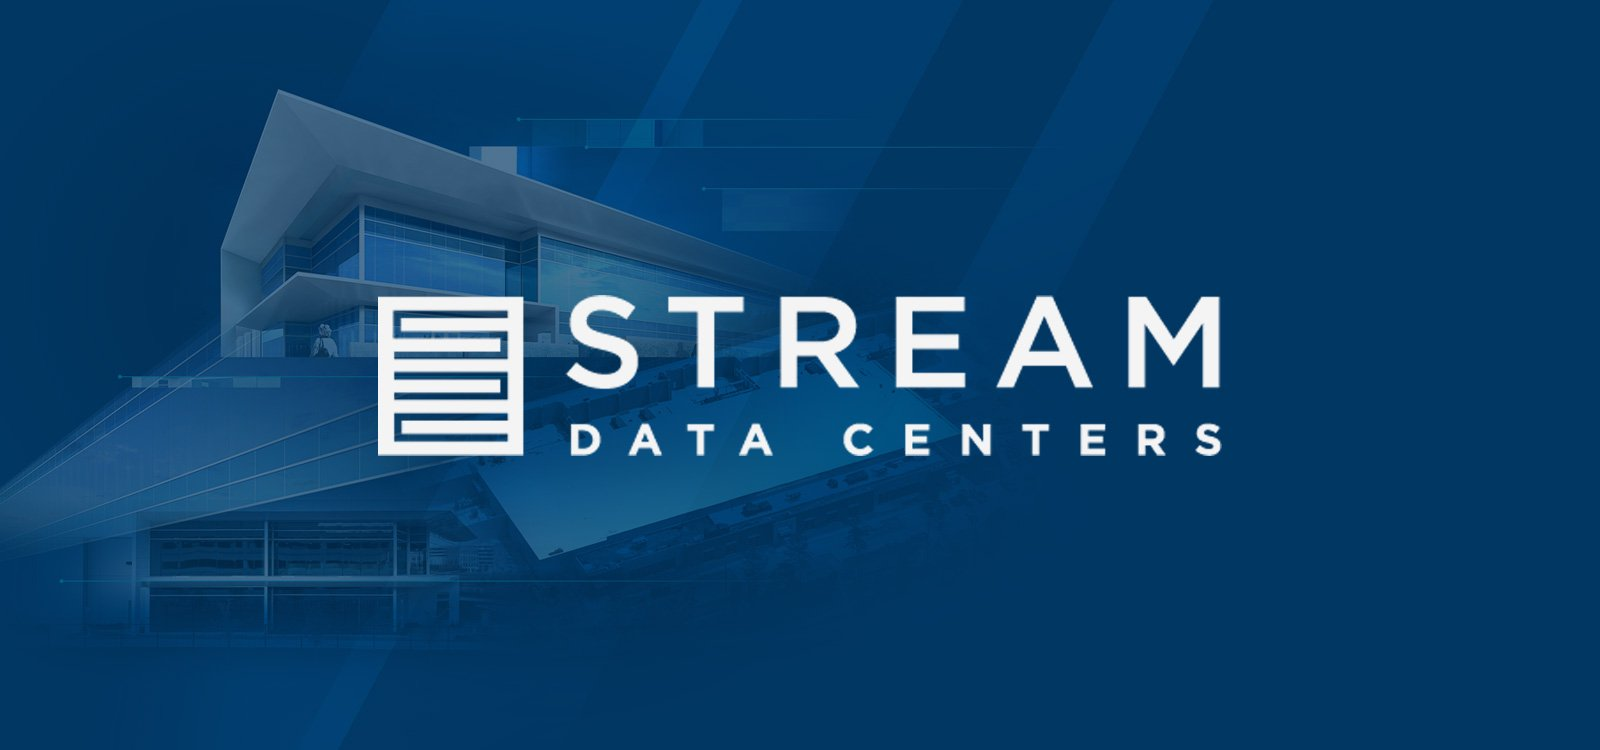 Stream Data Centers to Sponsor Dallas Critical Facilities Summit